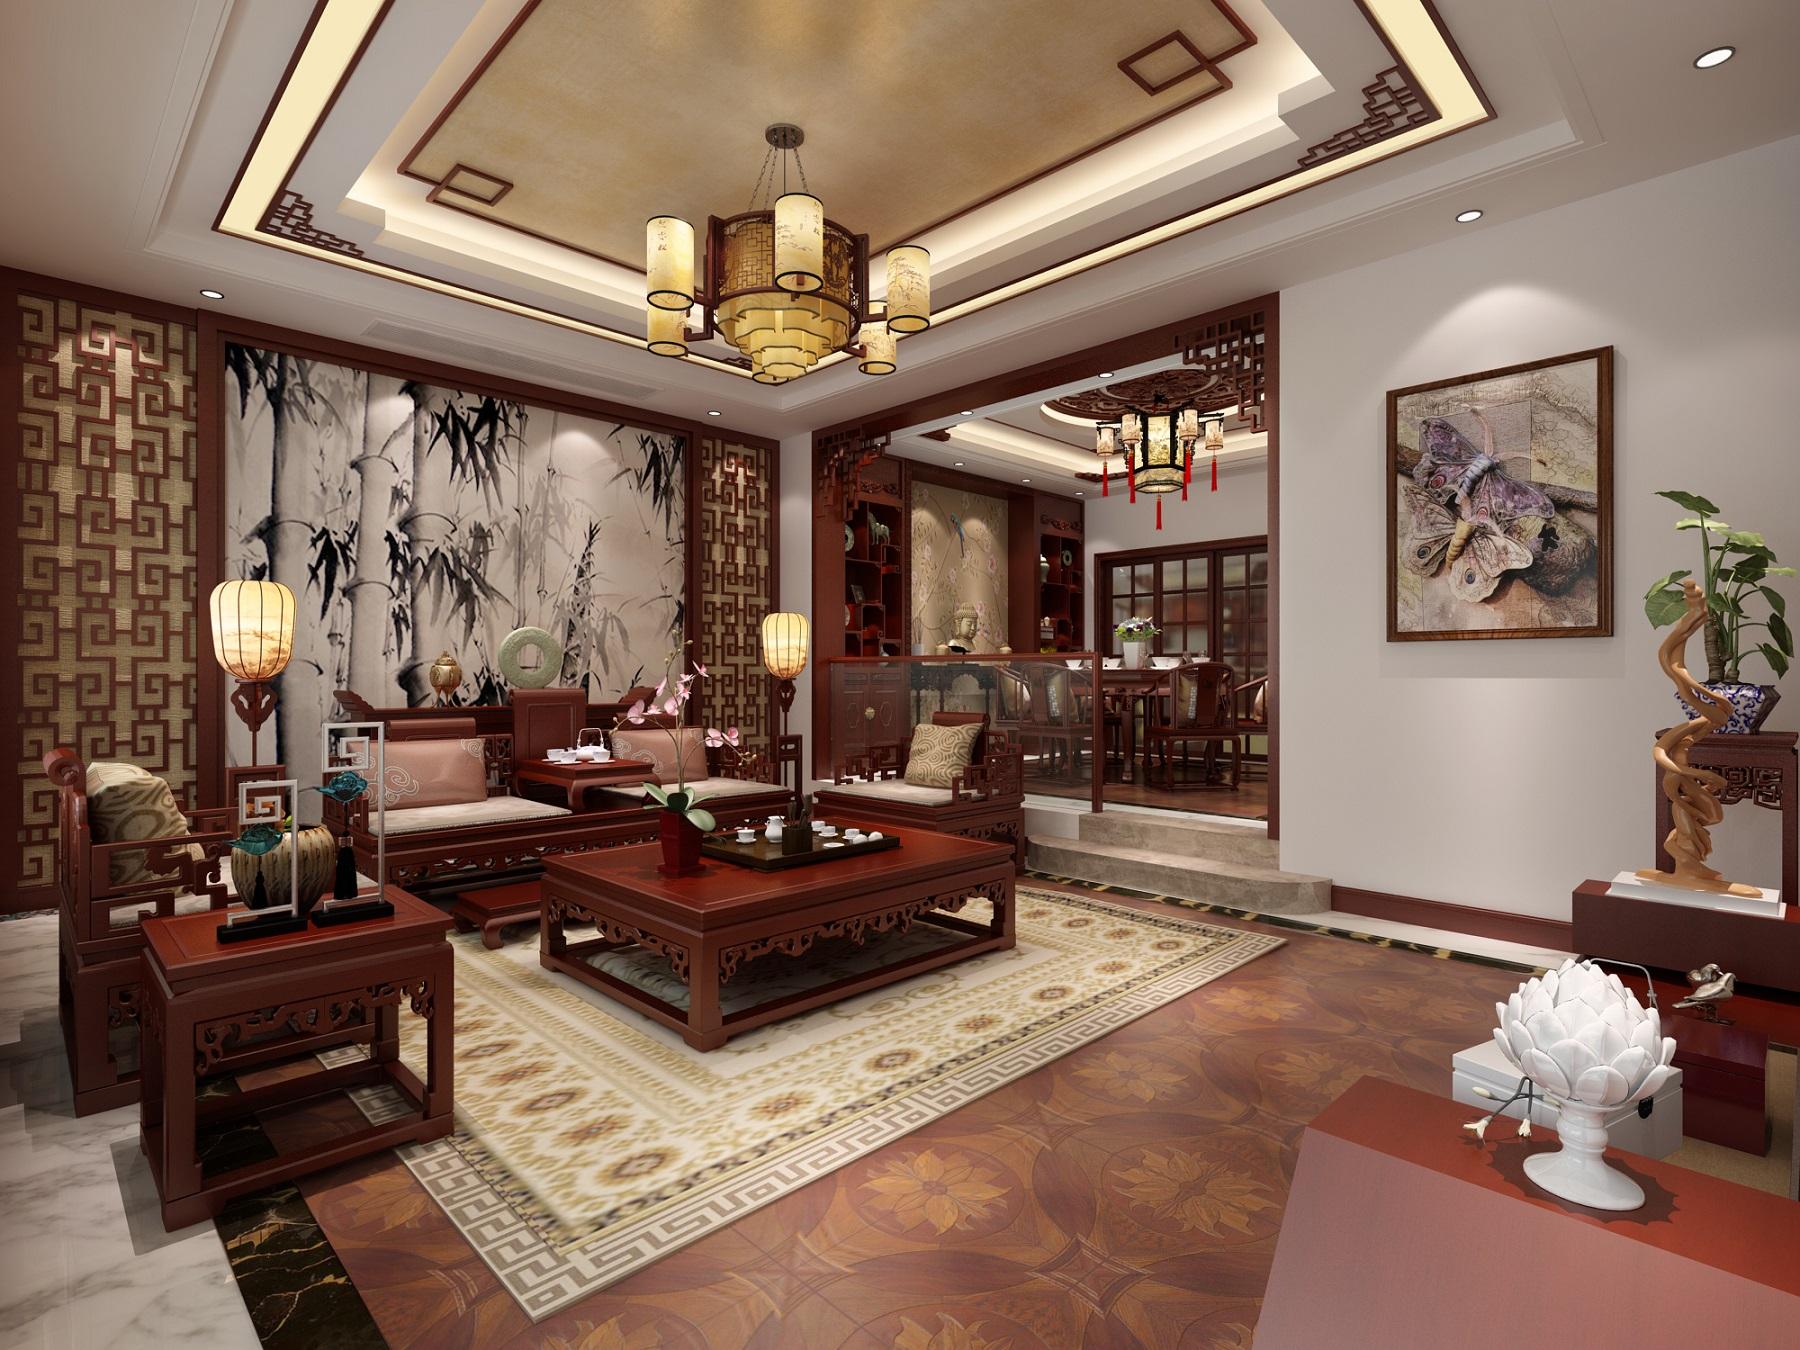 北京雅腾装饰-森林湖设计案例效果图